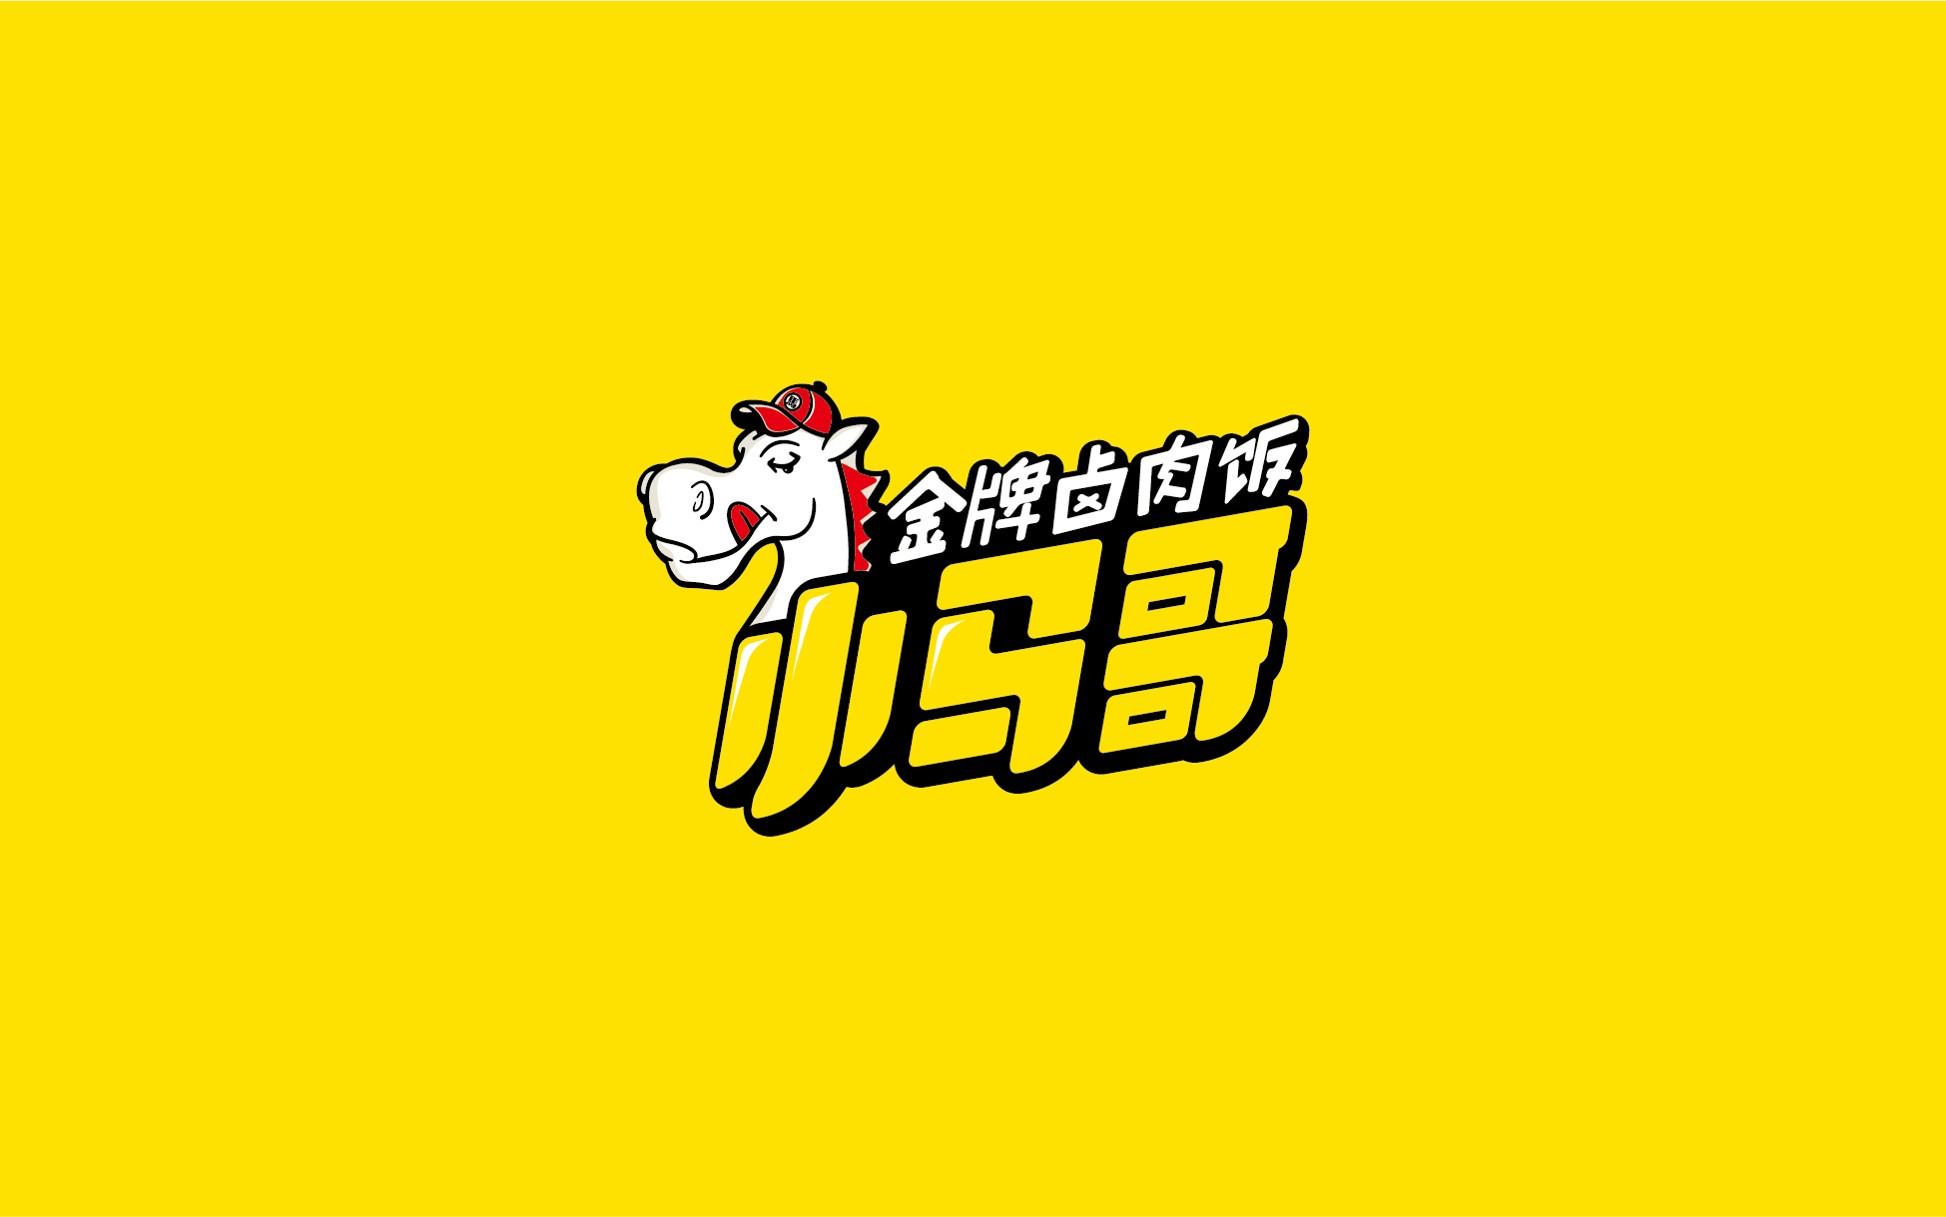 深圳餐饮品牌设计,品牌设计